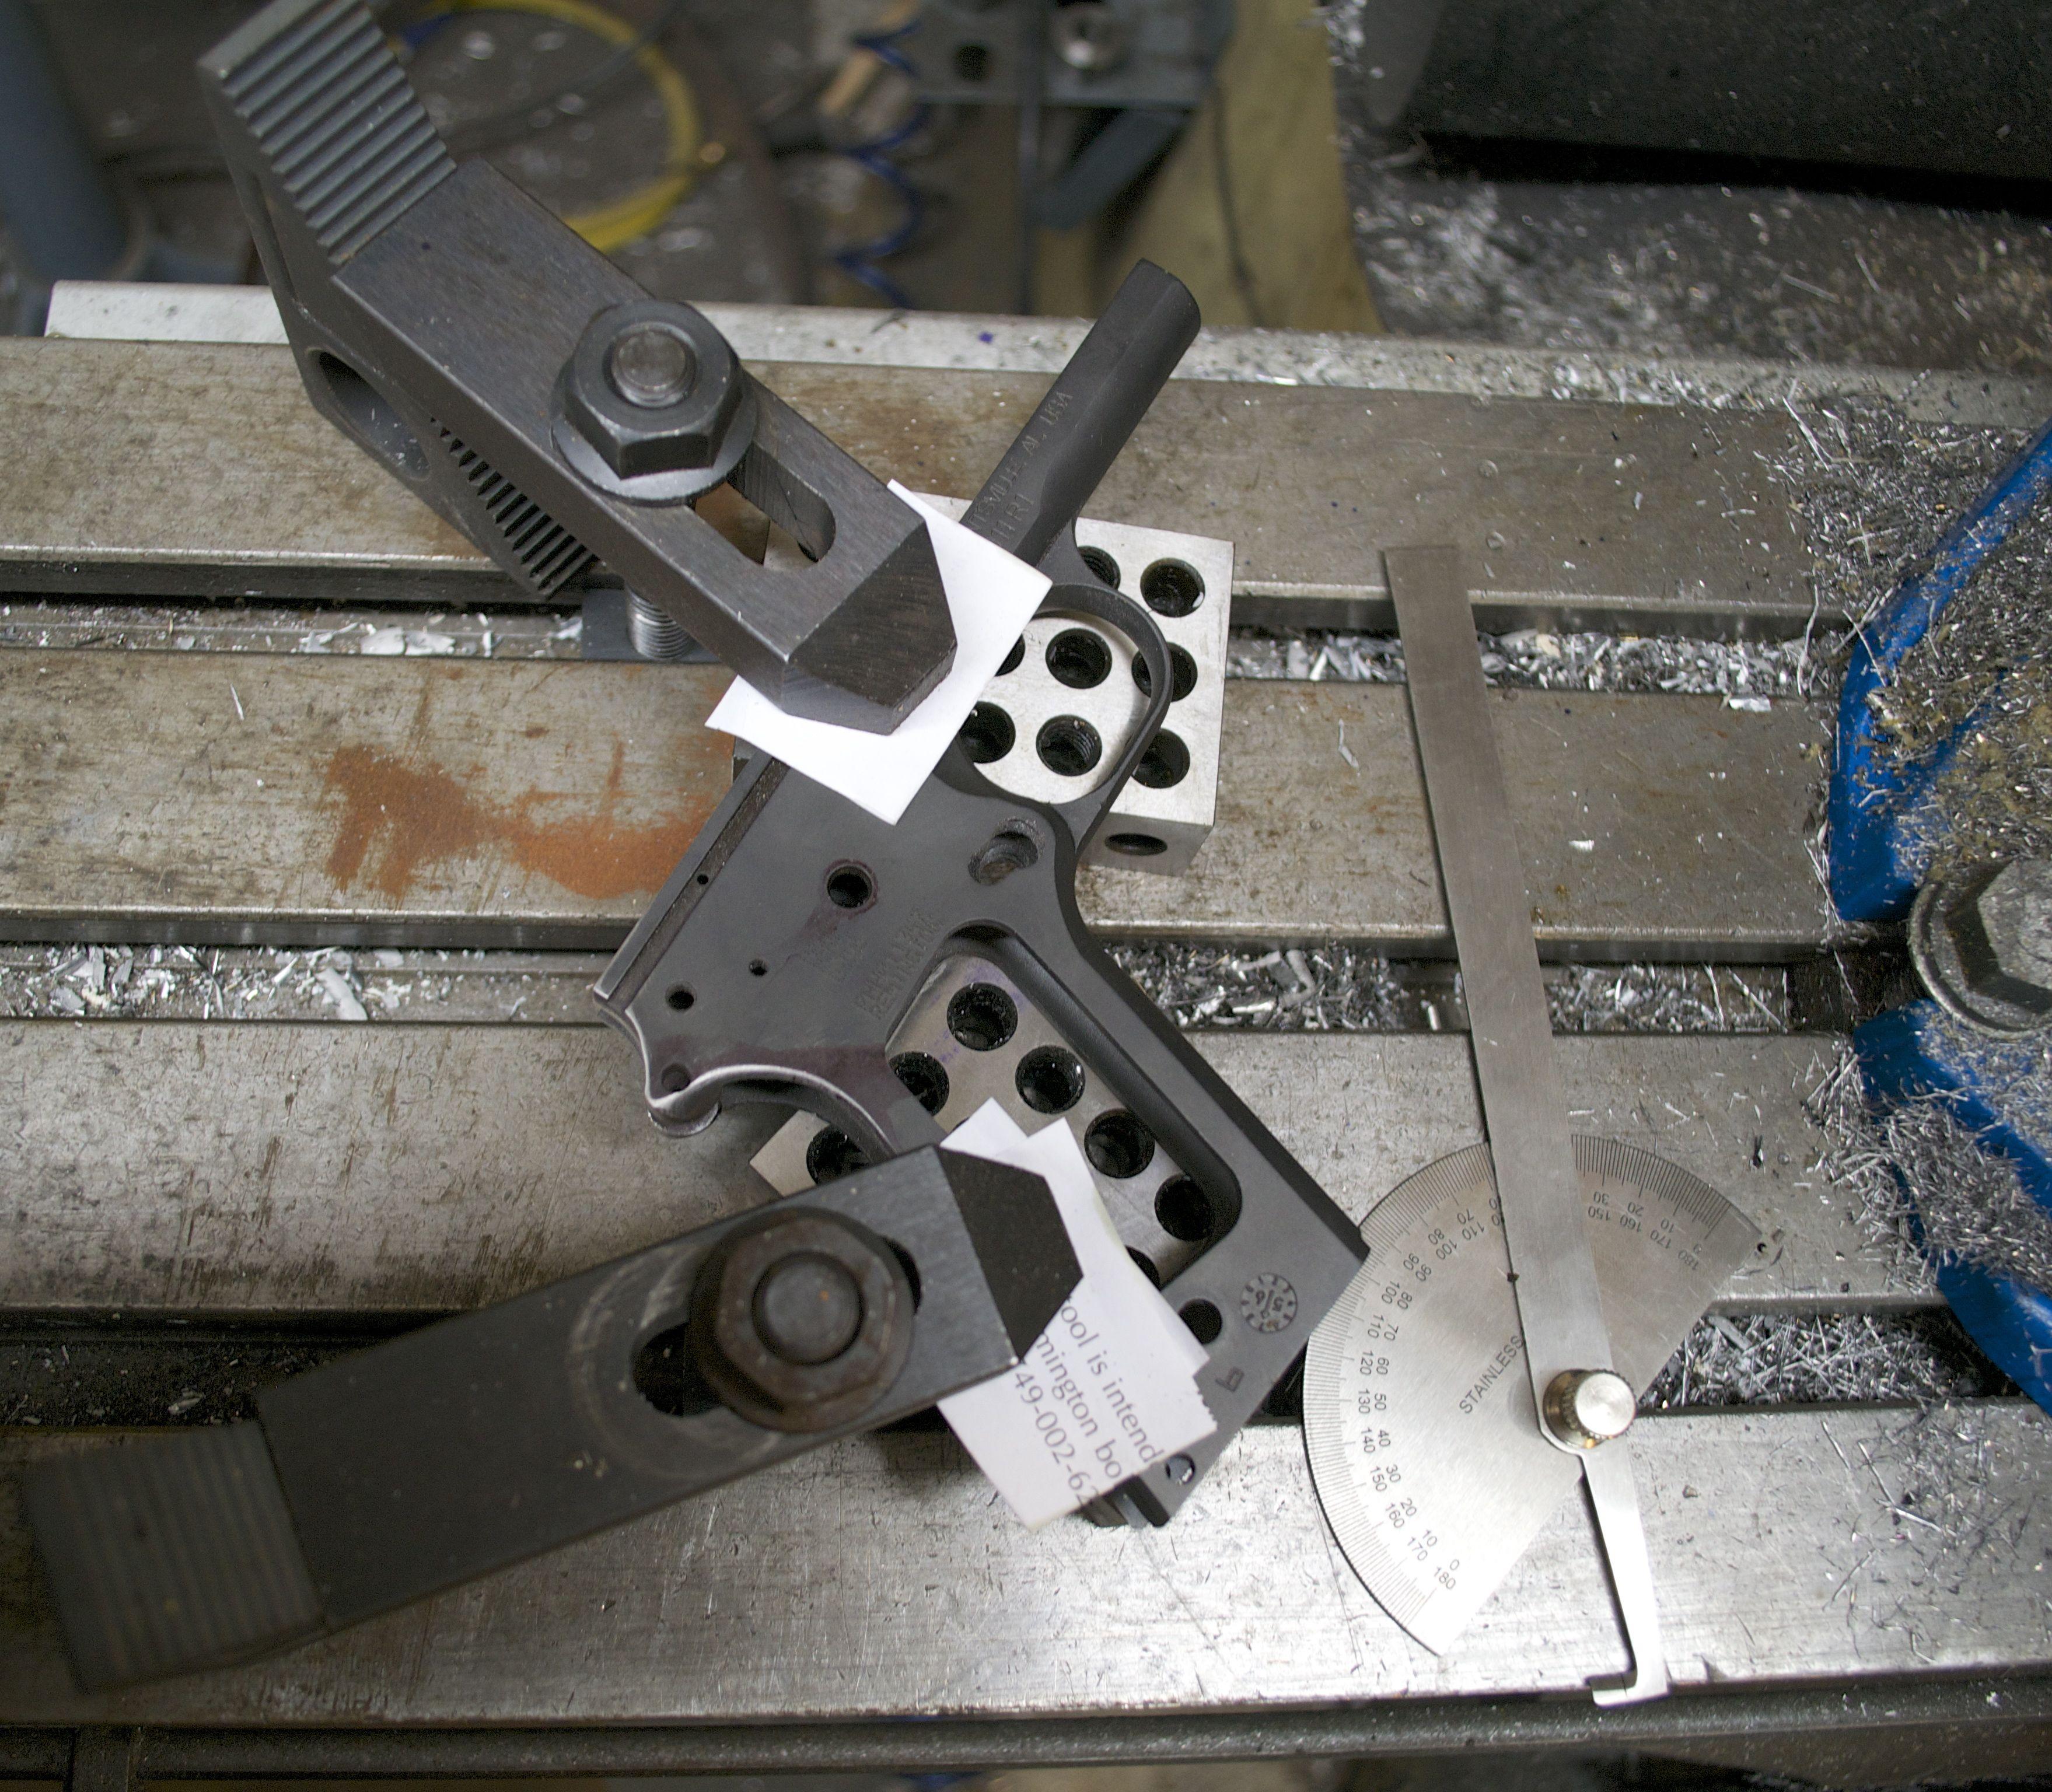 R1 1911 undercut trigger guard set up